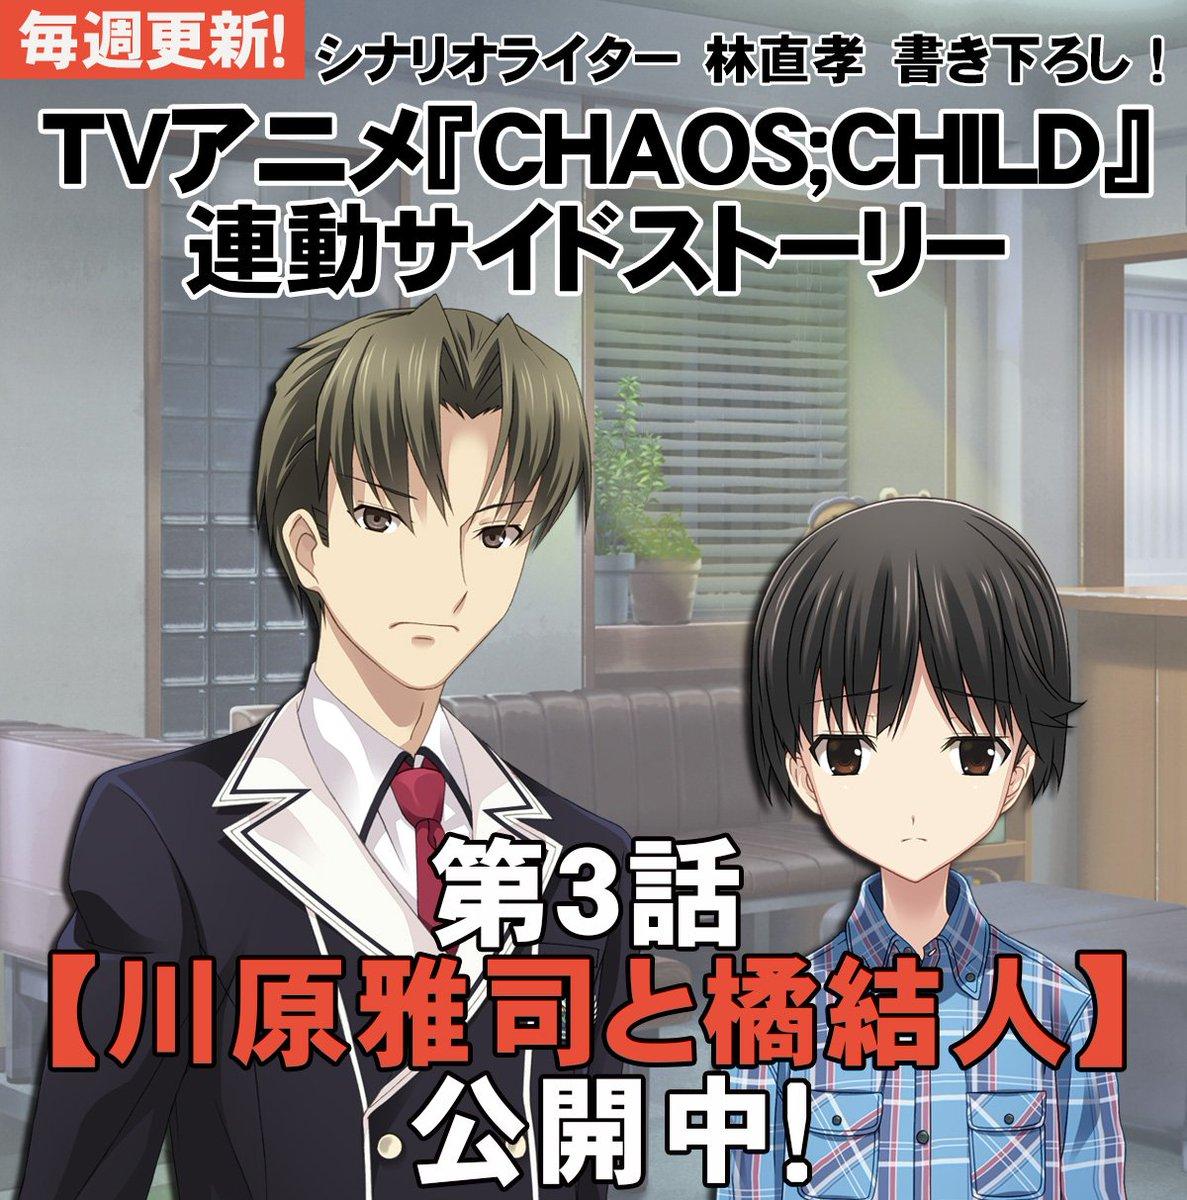 シナリオライター林直孝書き下ろし!TVアニメ「カオスチャイルド」連動のサイドストーリーを公開!第3話…